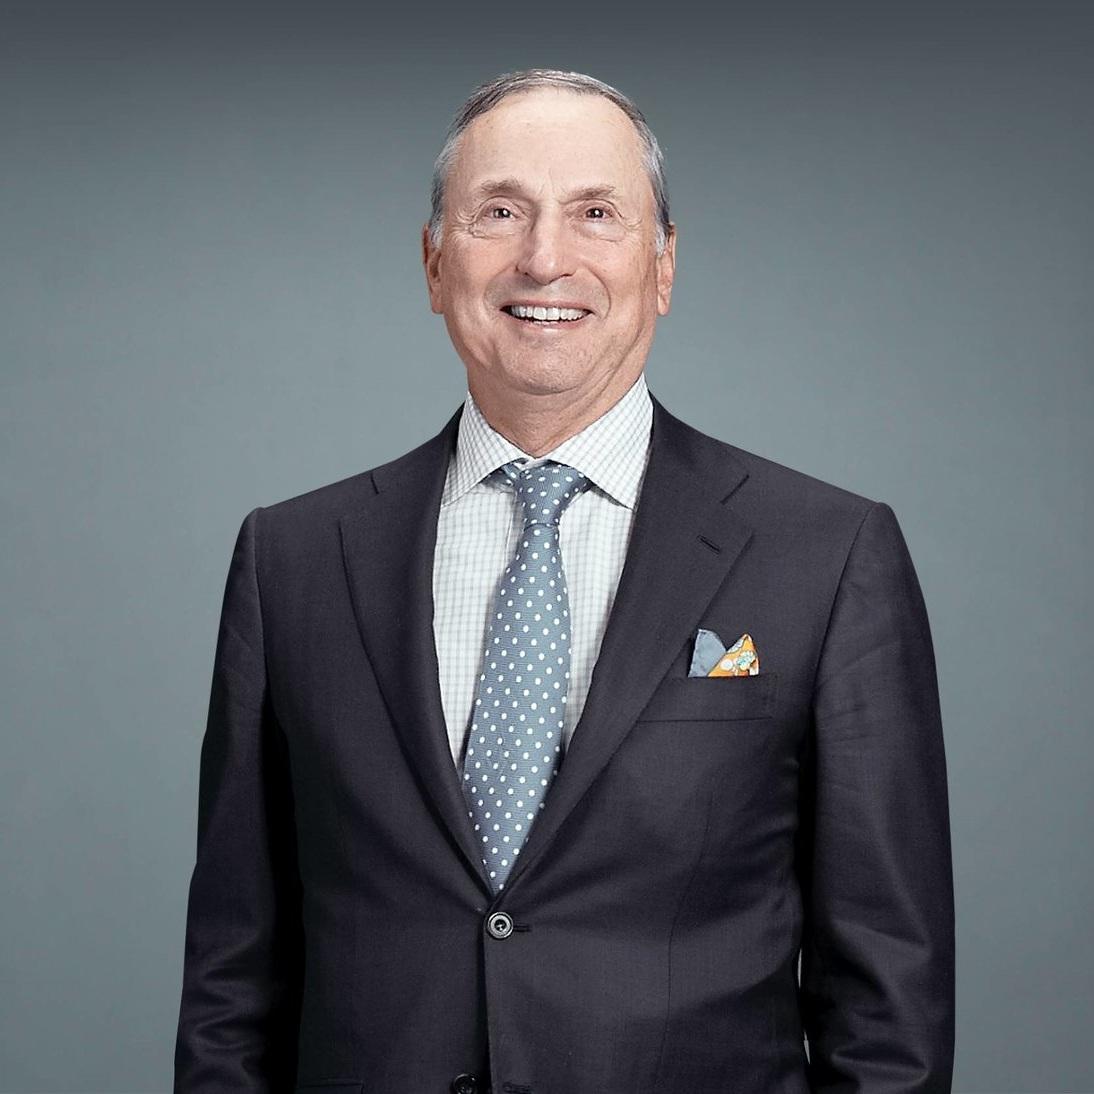 Robert M. Grossman, M.D. - Dean, NYU Langone Medical Center